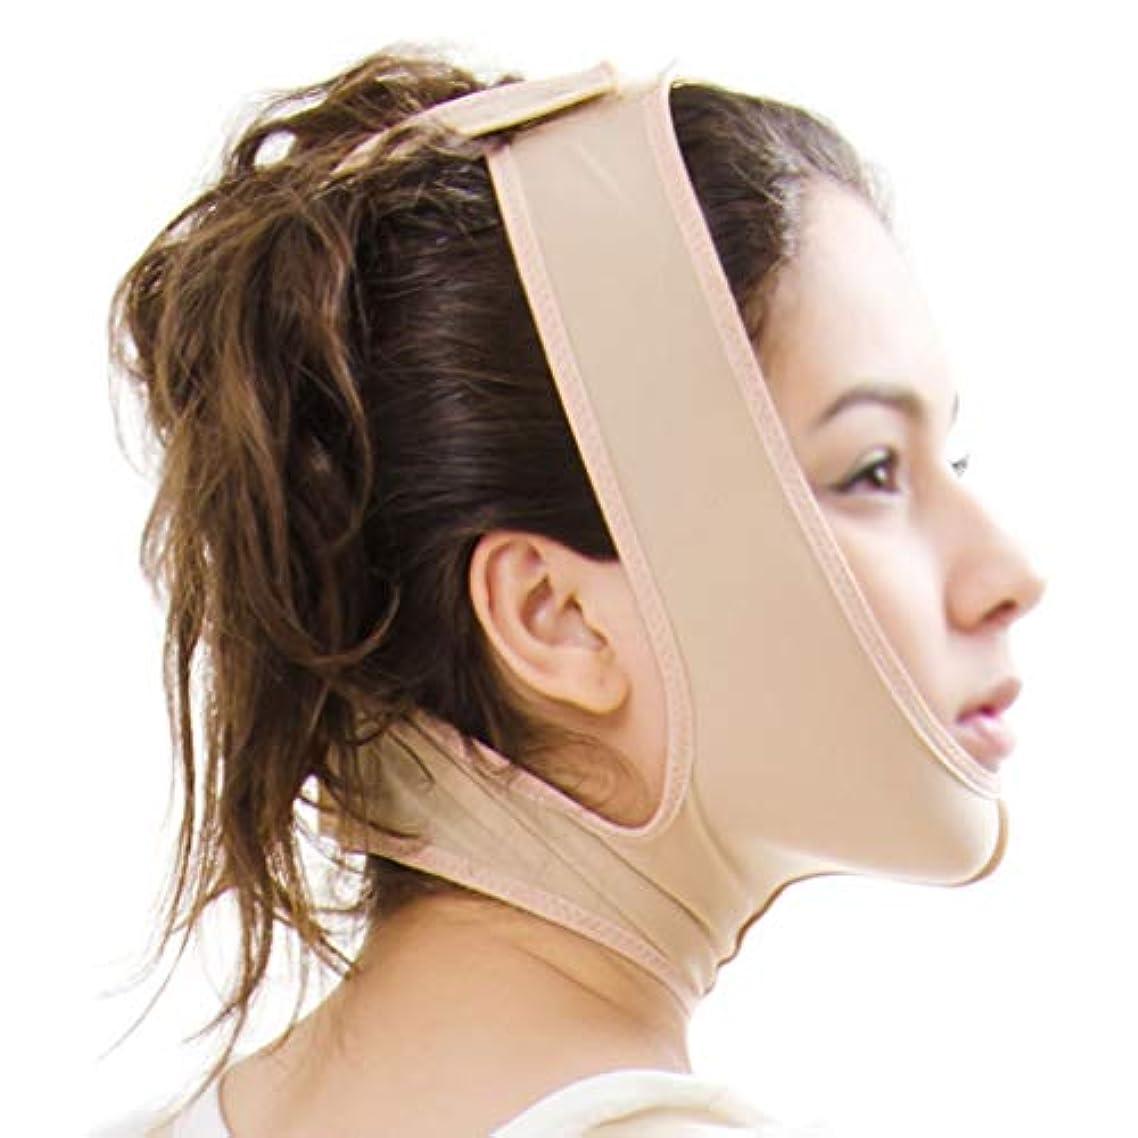 バラ色散髪興味GLJJQMY 顔面リフティング包帯あごの首と首の二重あごの脂肪吸引術後創傷マスク 顔用整形マスク (Size : S)